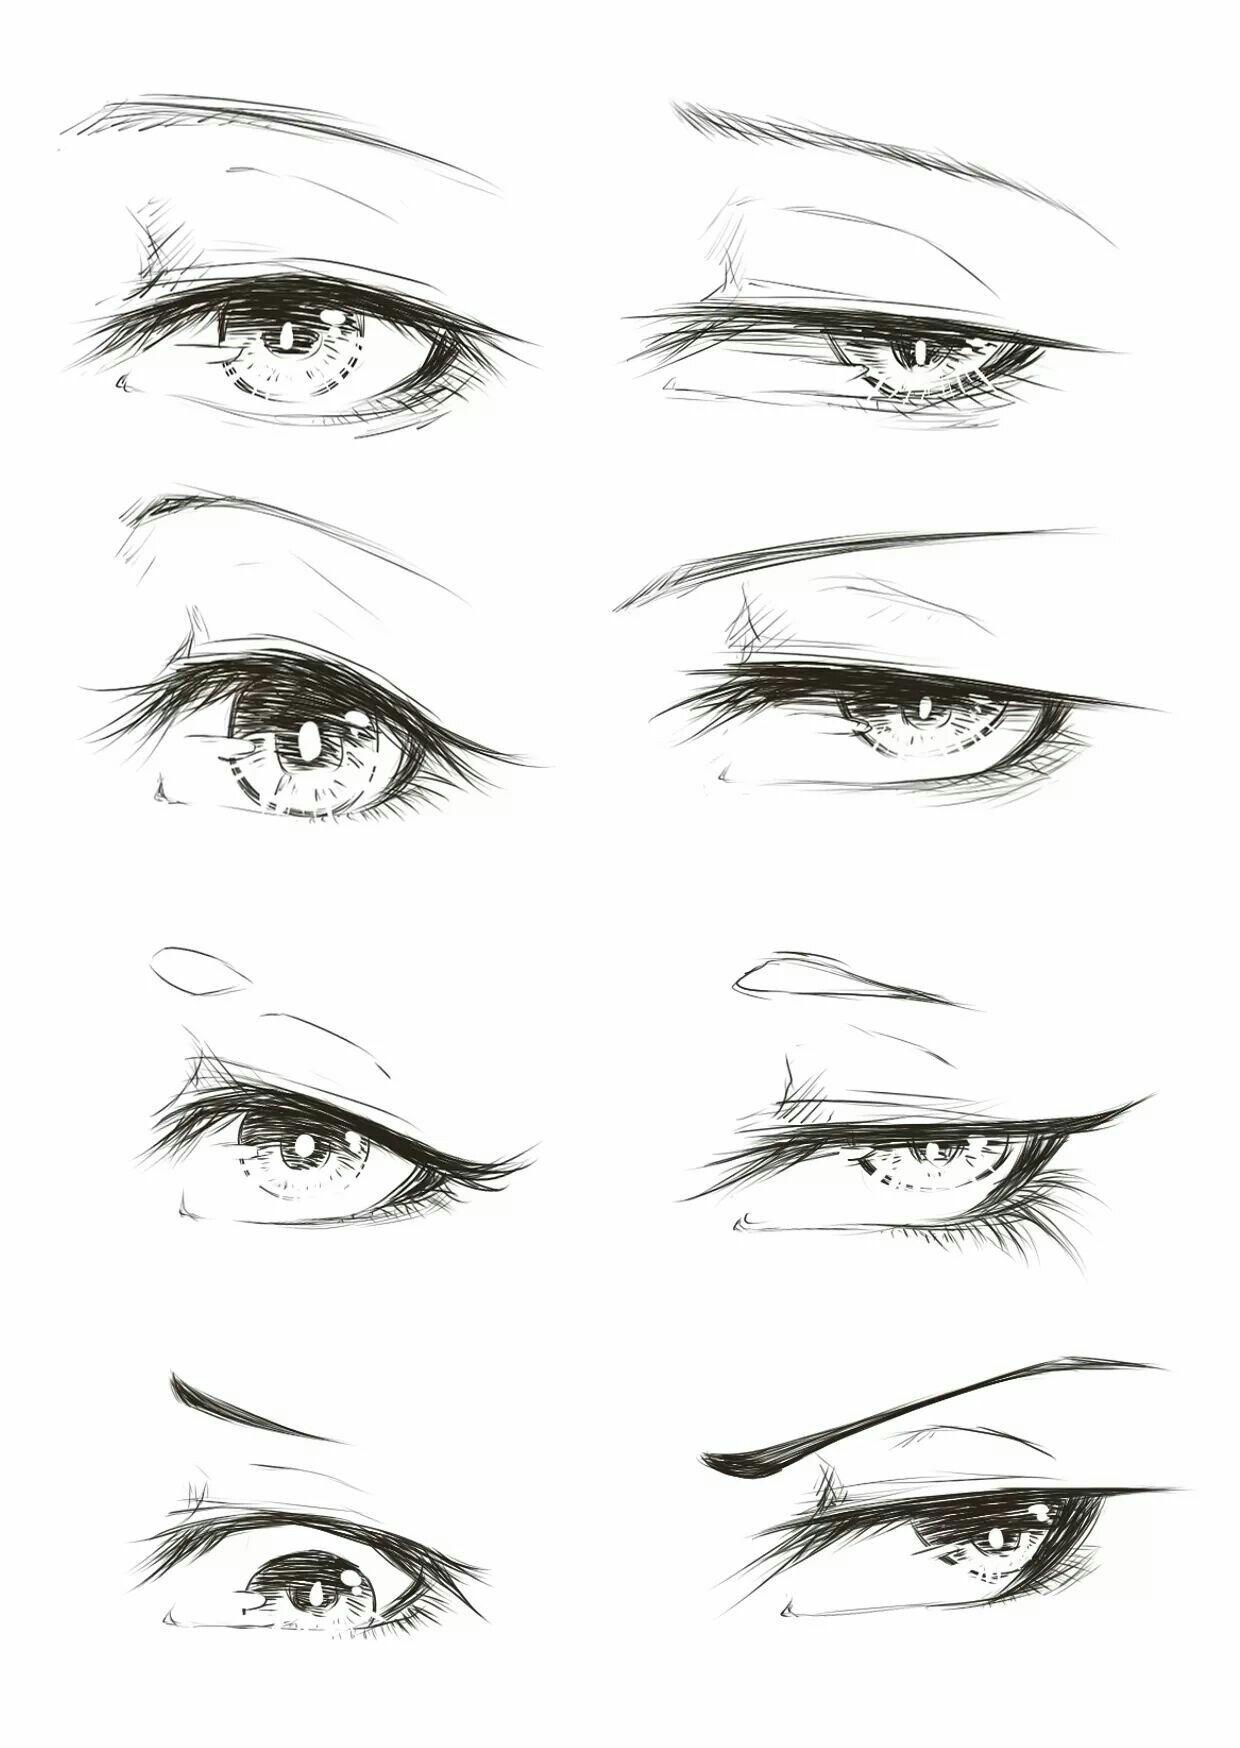 12 Astounding Learn To Draw Eyes Ideas Anime Eye Drawing Anime Drawings Sketches Anime Drawings Tutorials